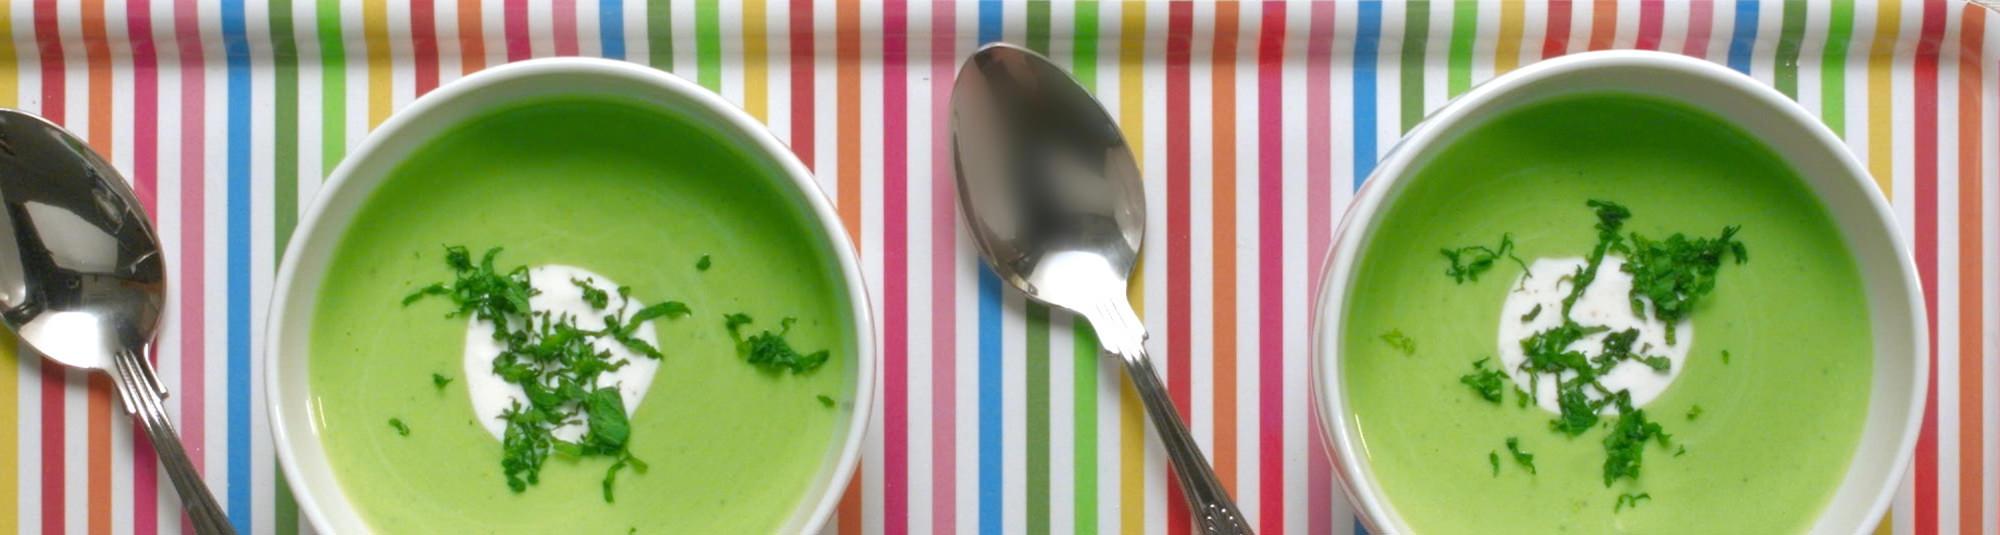 Crema fría de guisantes con yogurt Findus 1024 x 274